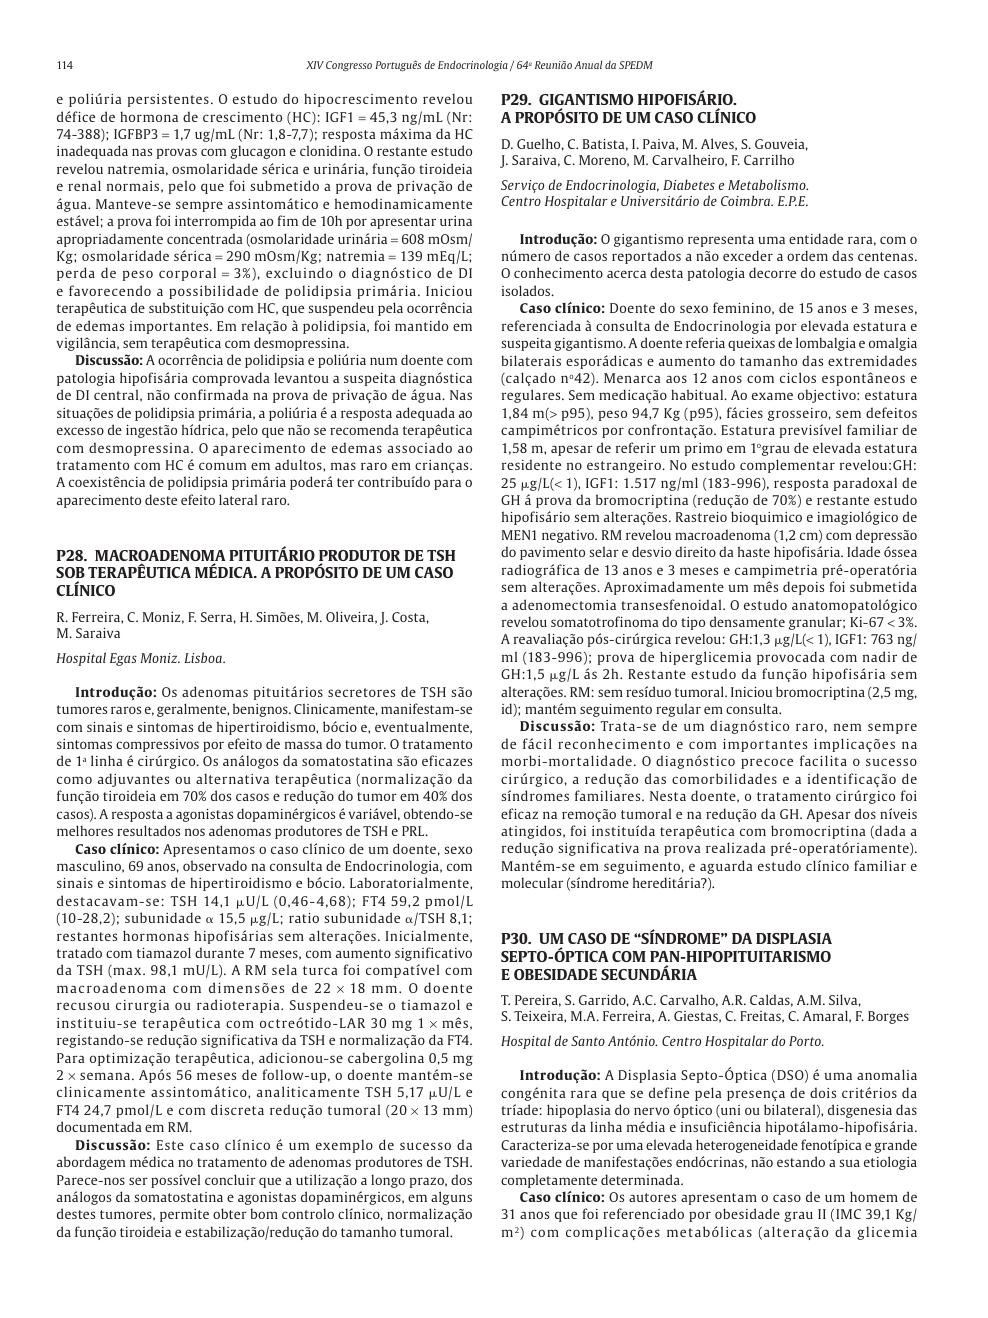 caso clinico diabetes insipida sintomas